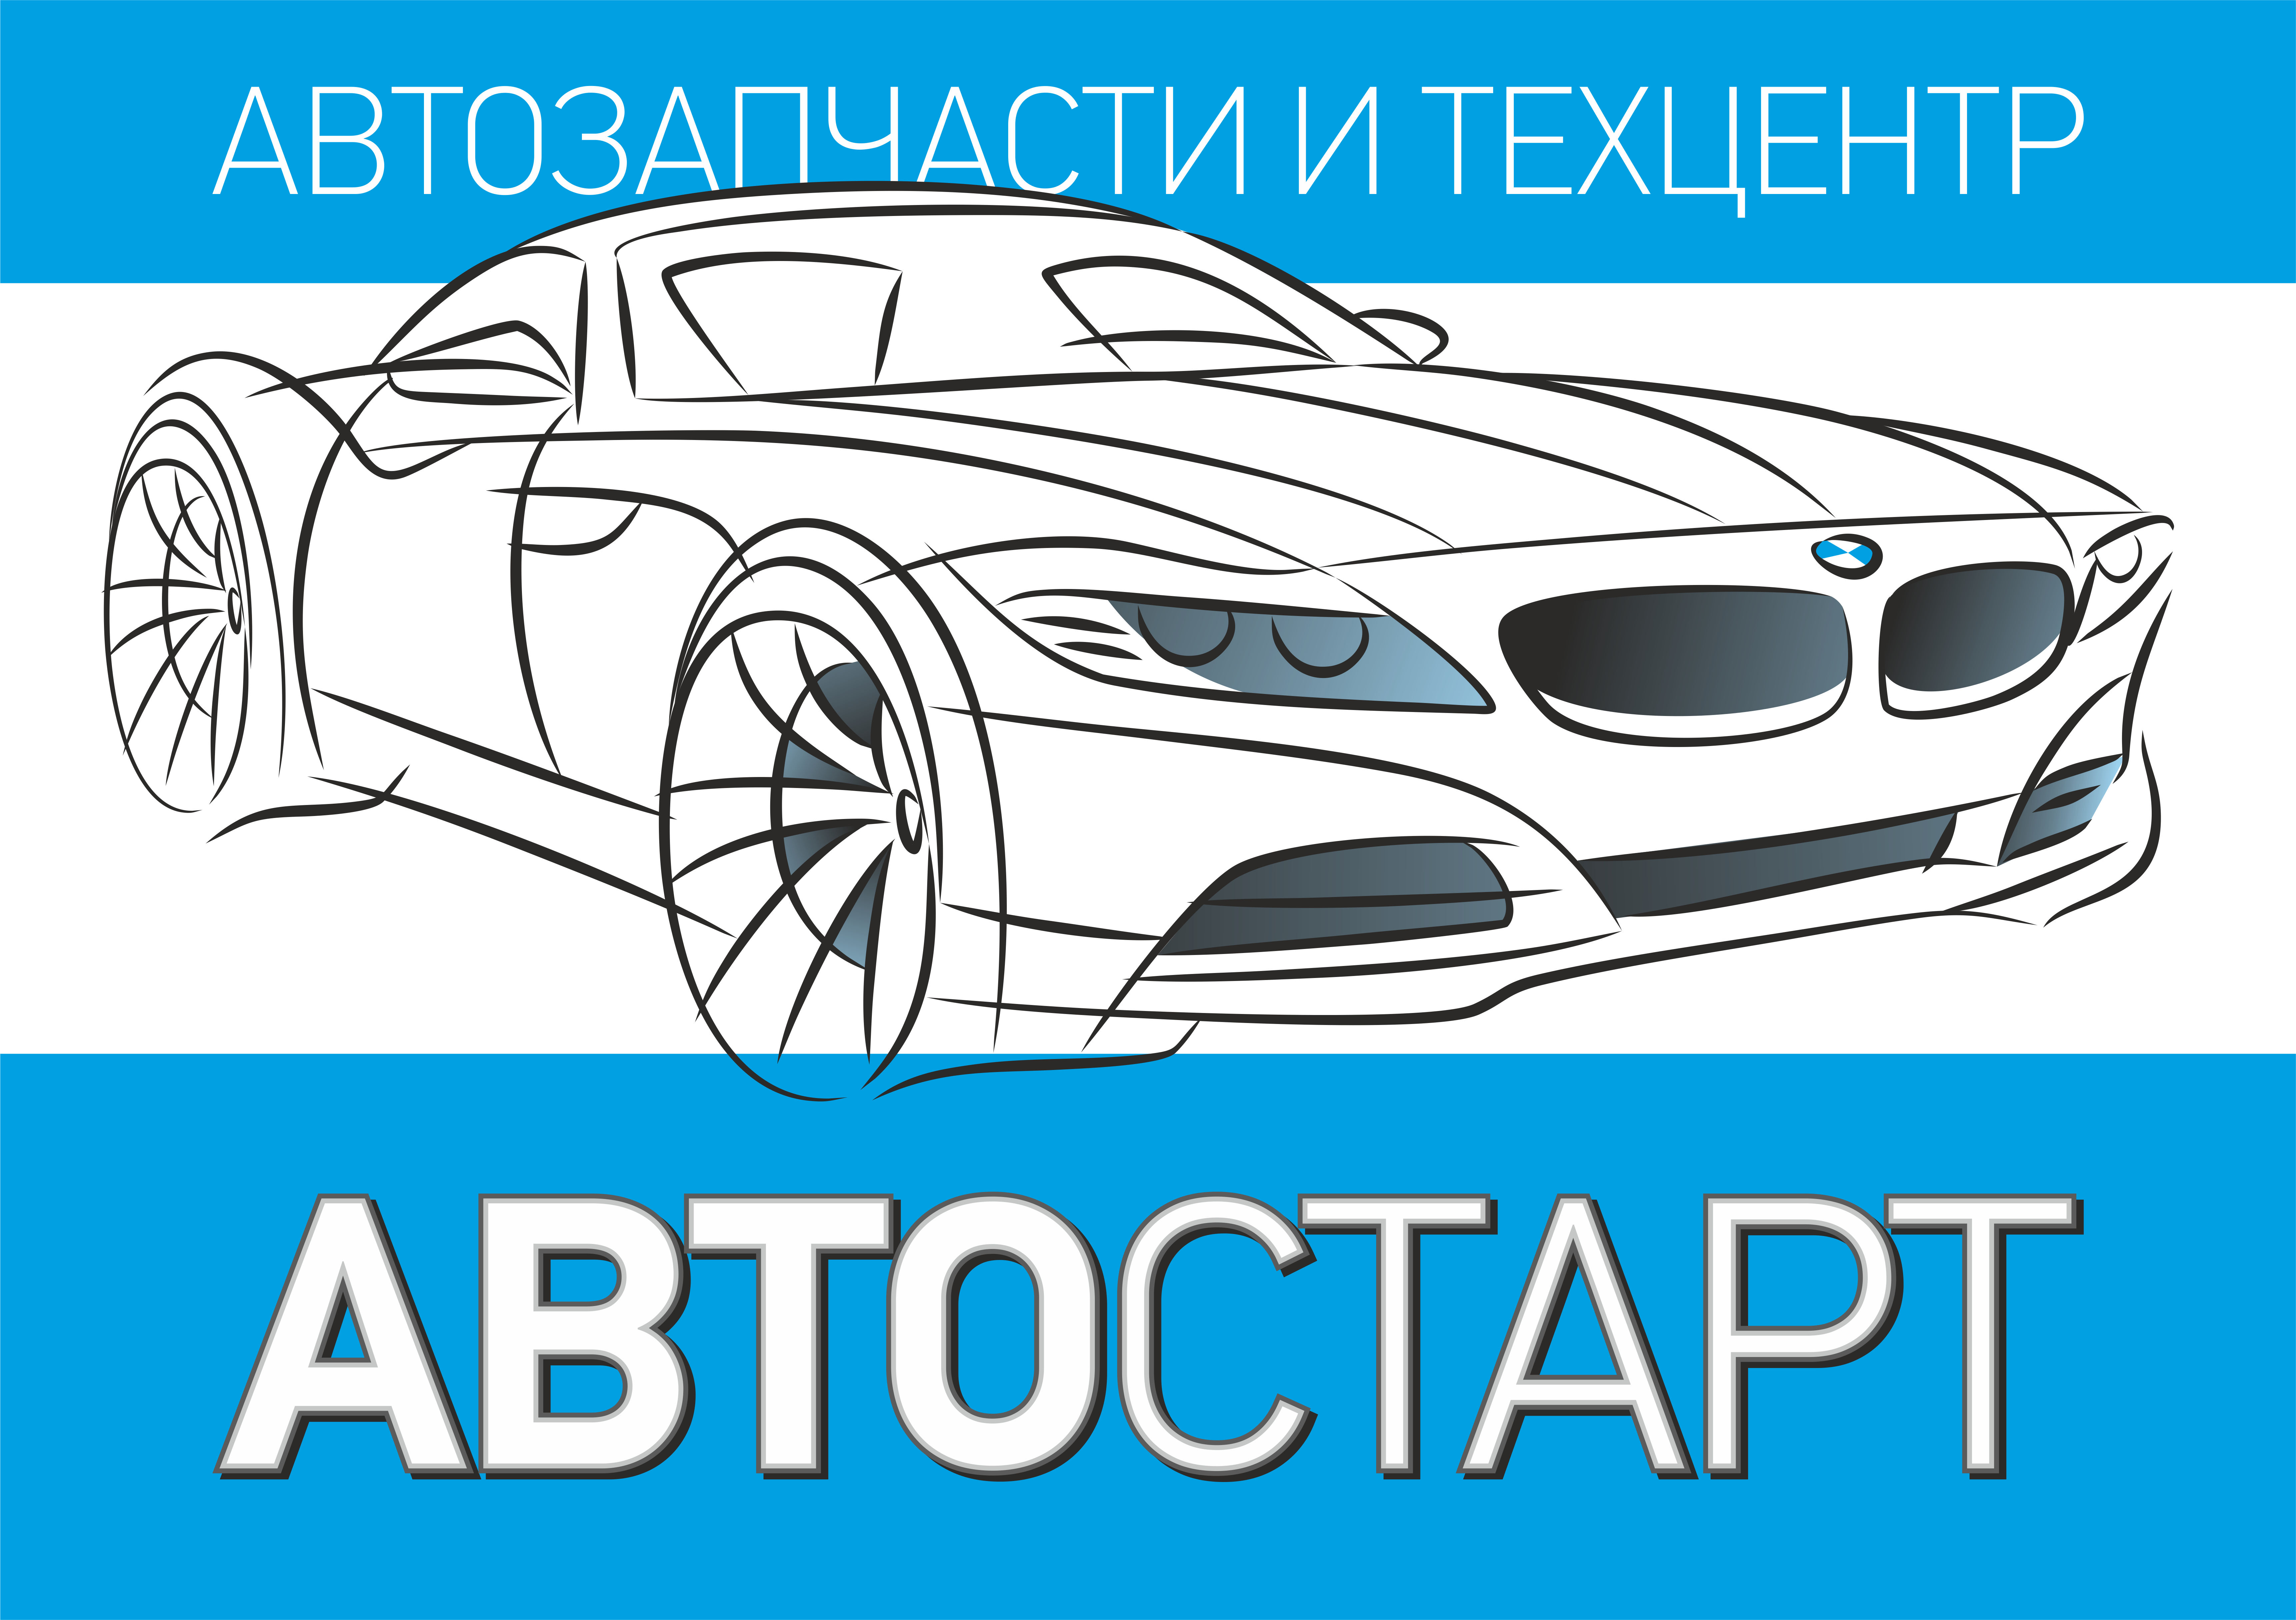 Автостарт, ООО